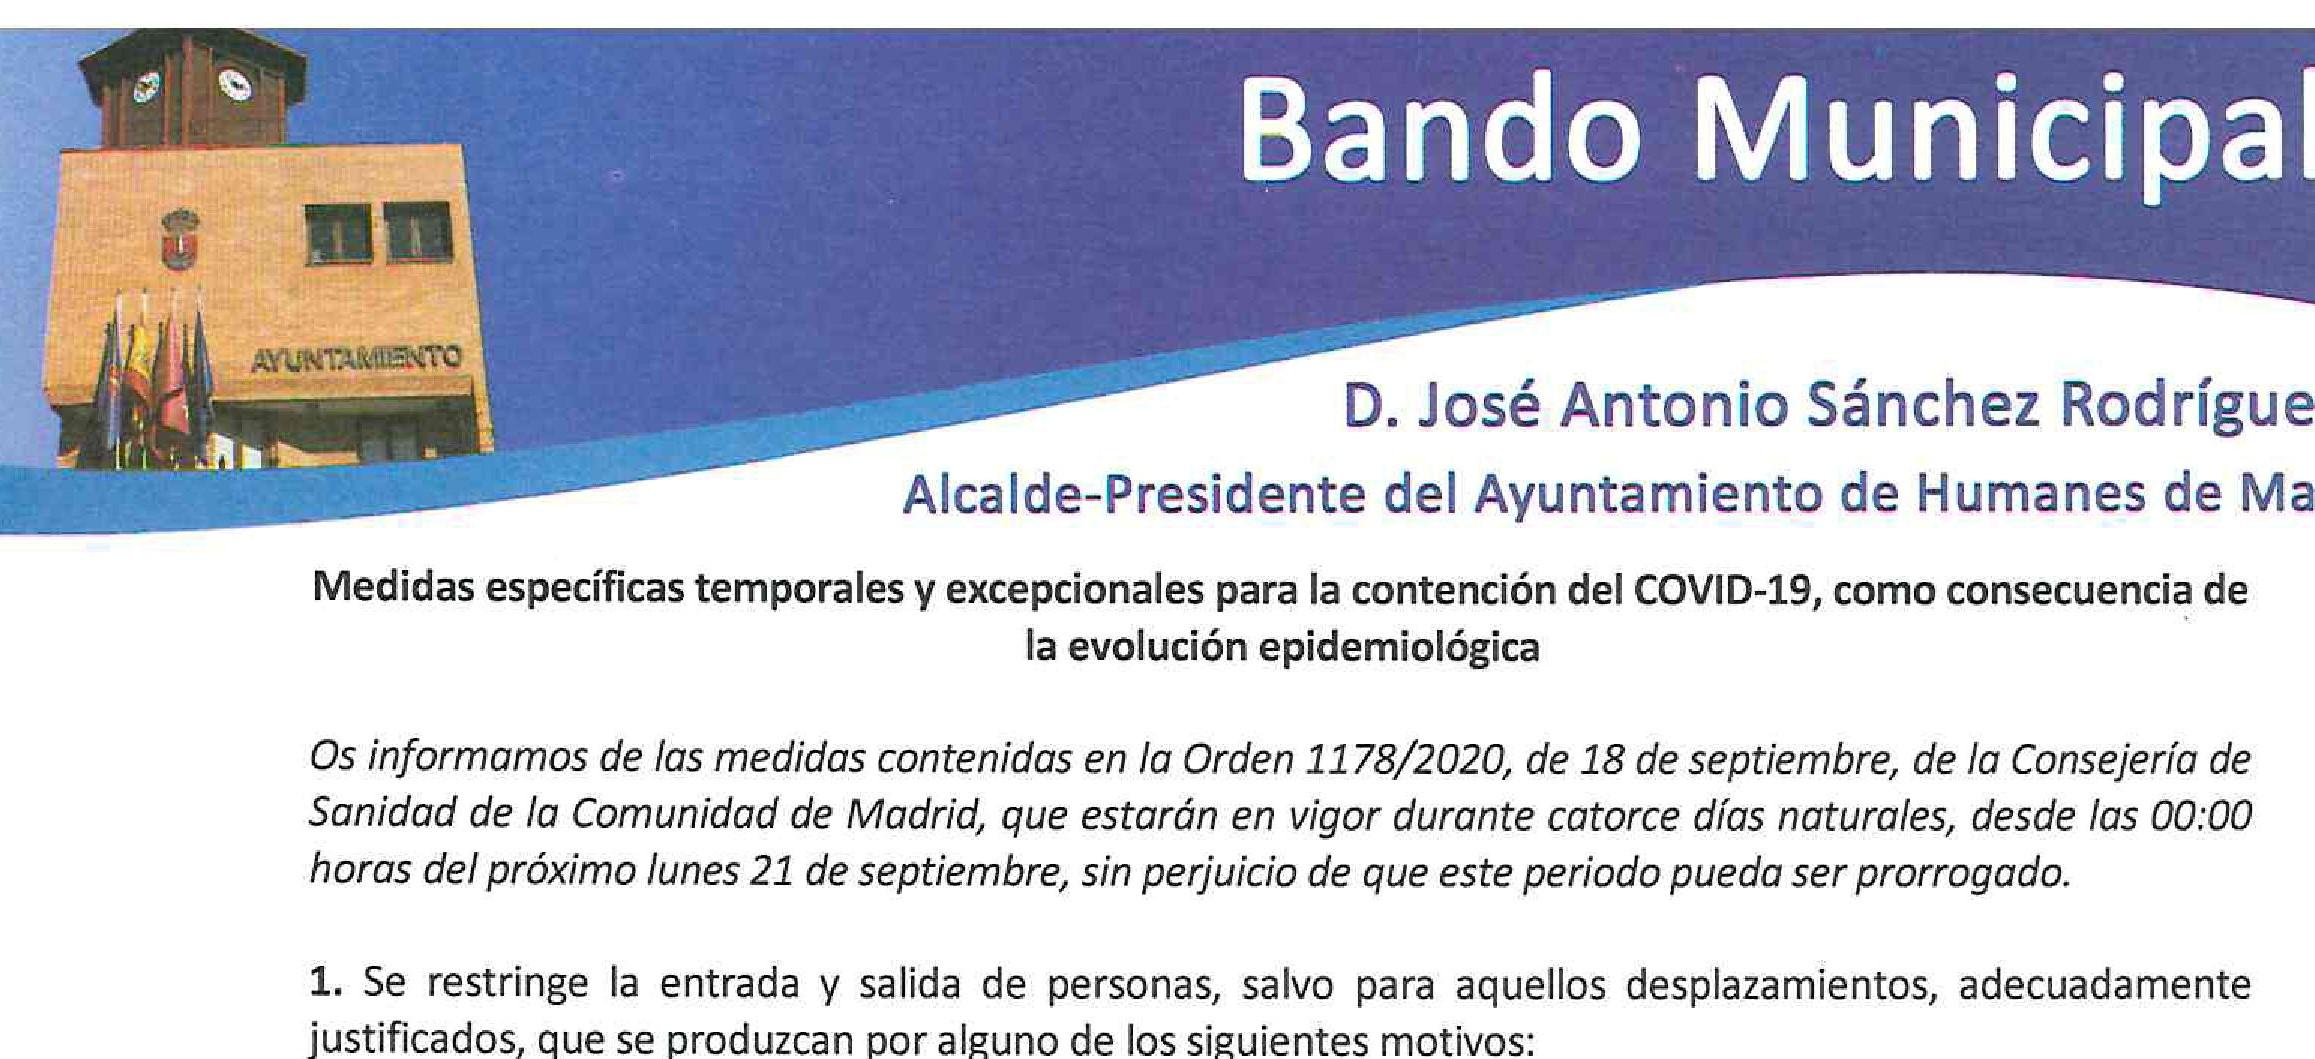 El alcalde de Humanes de Madrid dicta un bando con medidas para la contención del COVID-19 que entrarán en vigor el lunes 21 de septiembre a las 00.00 horas.